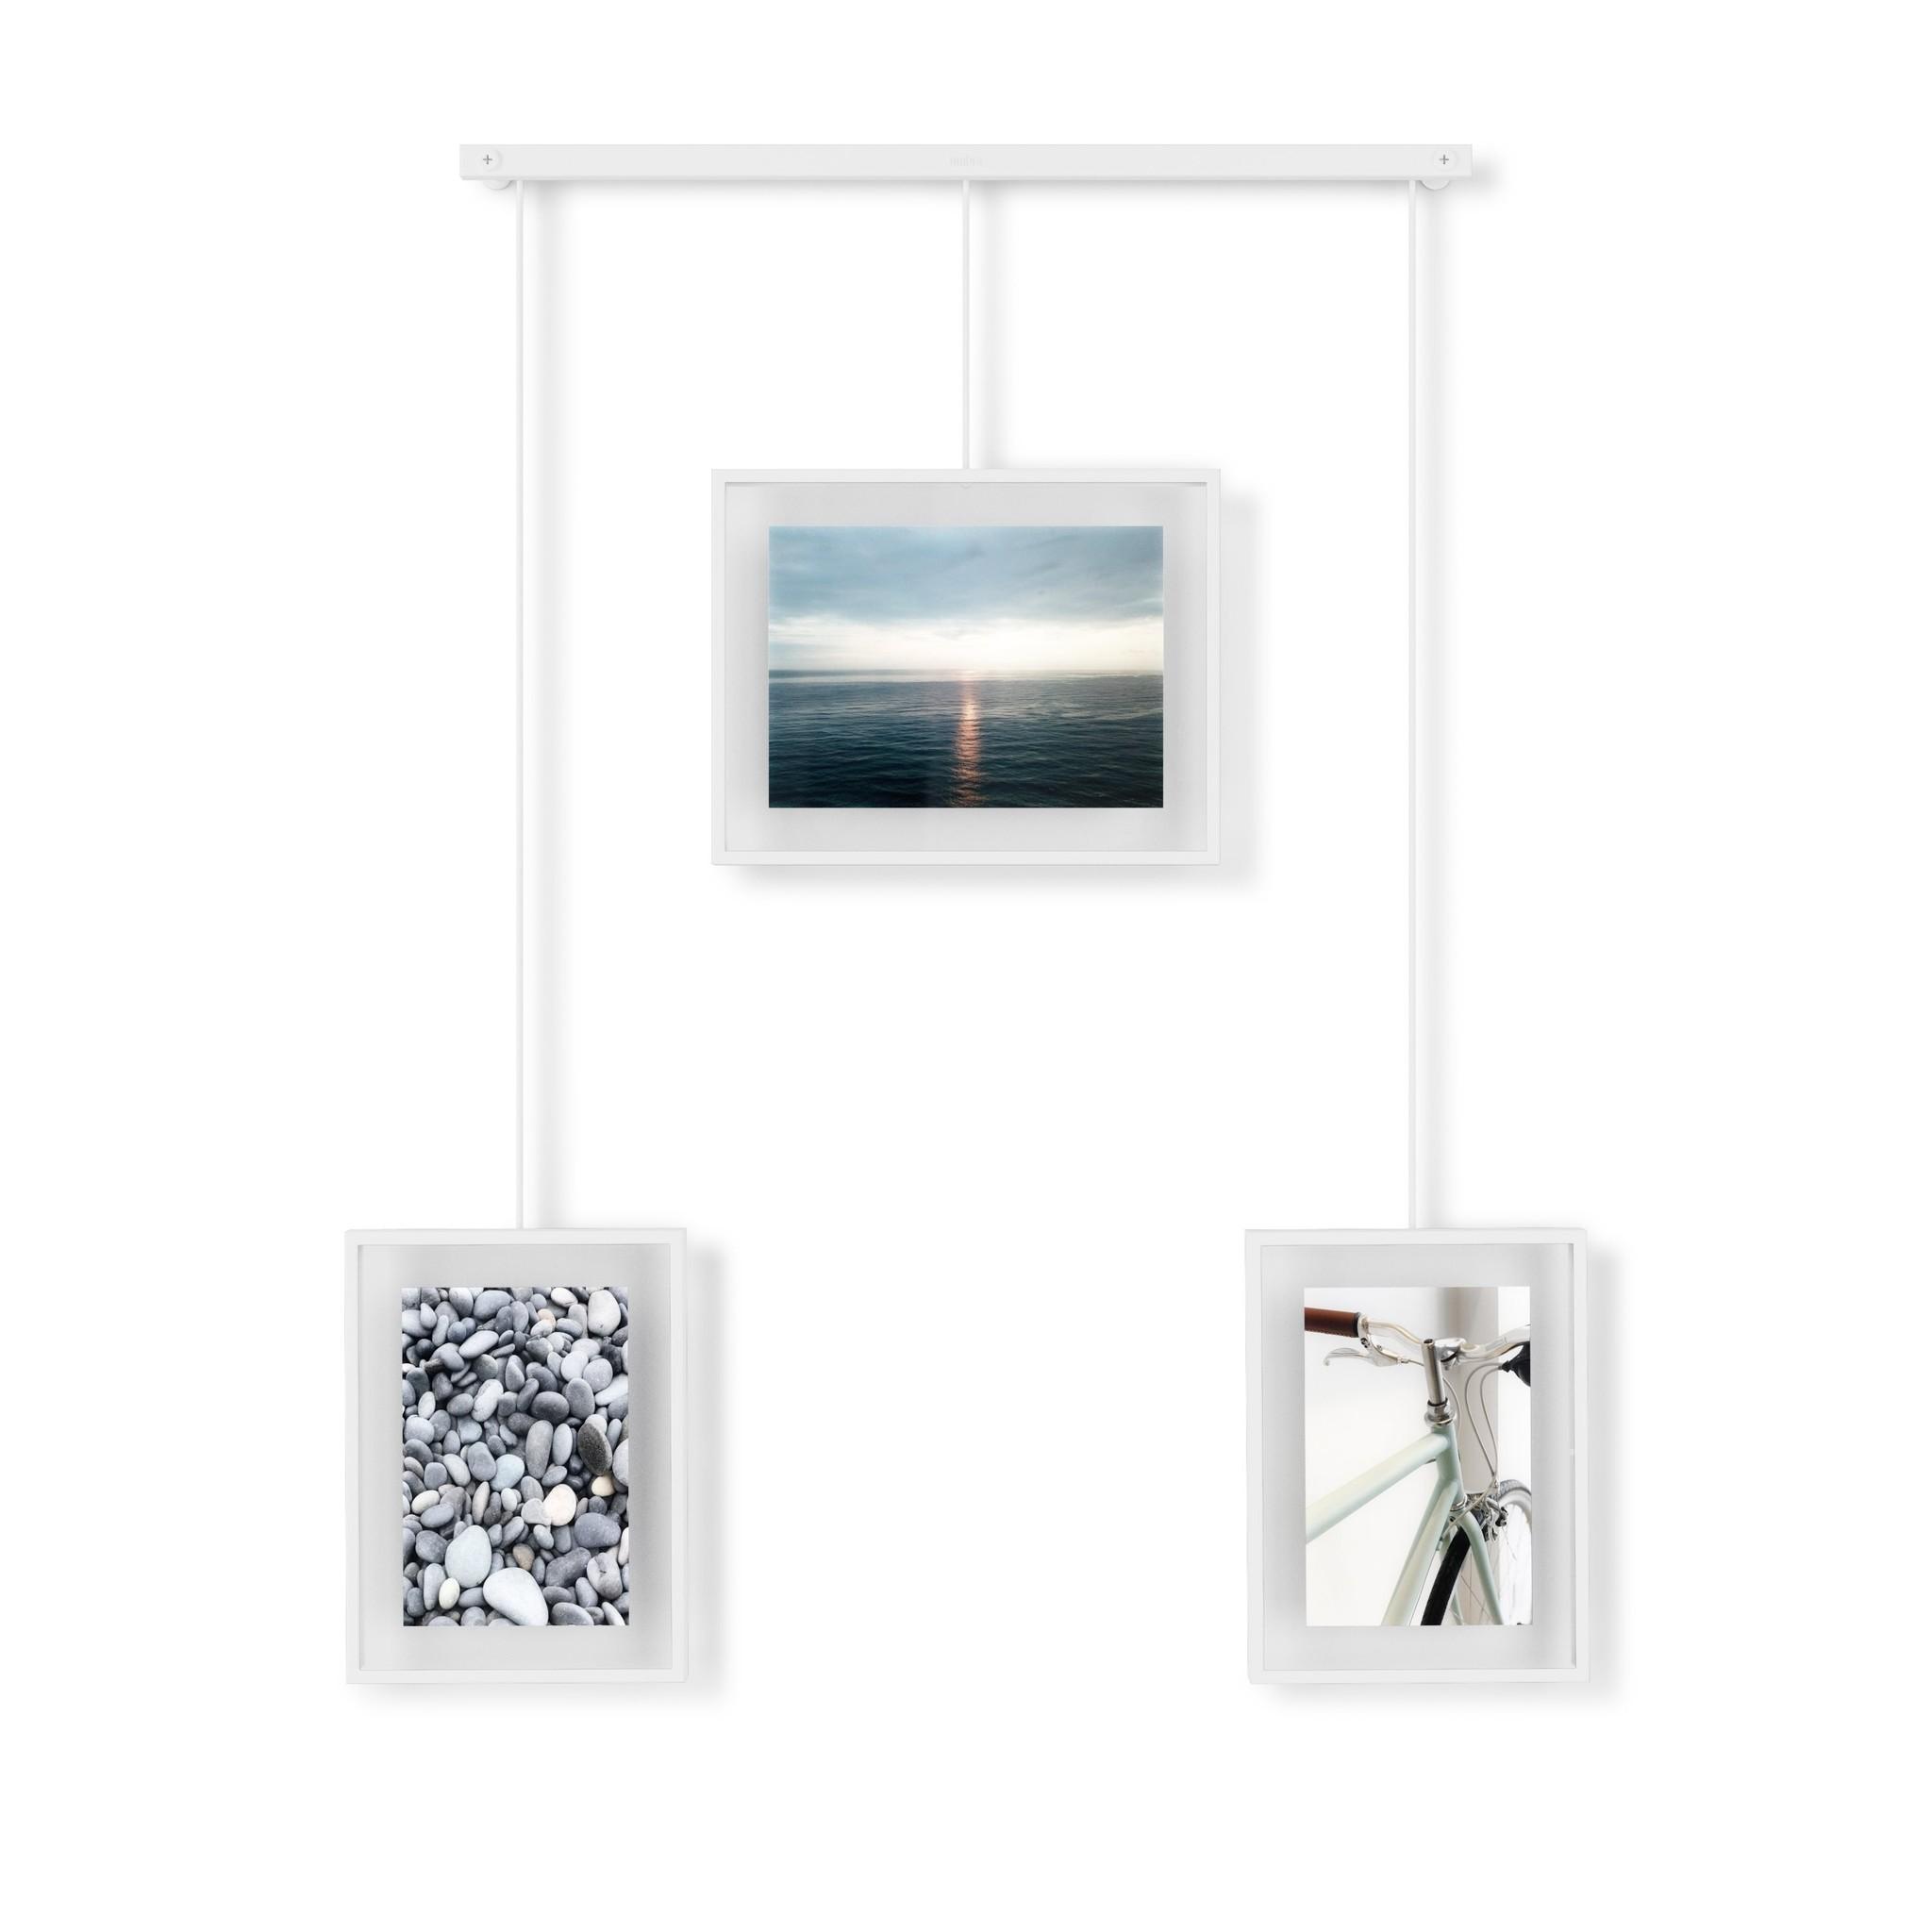 Umbra Photo Frame Exhibit 3 multi white